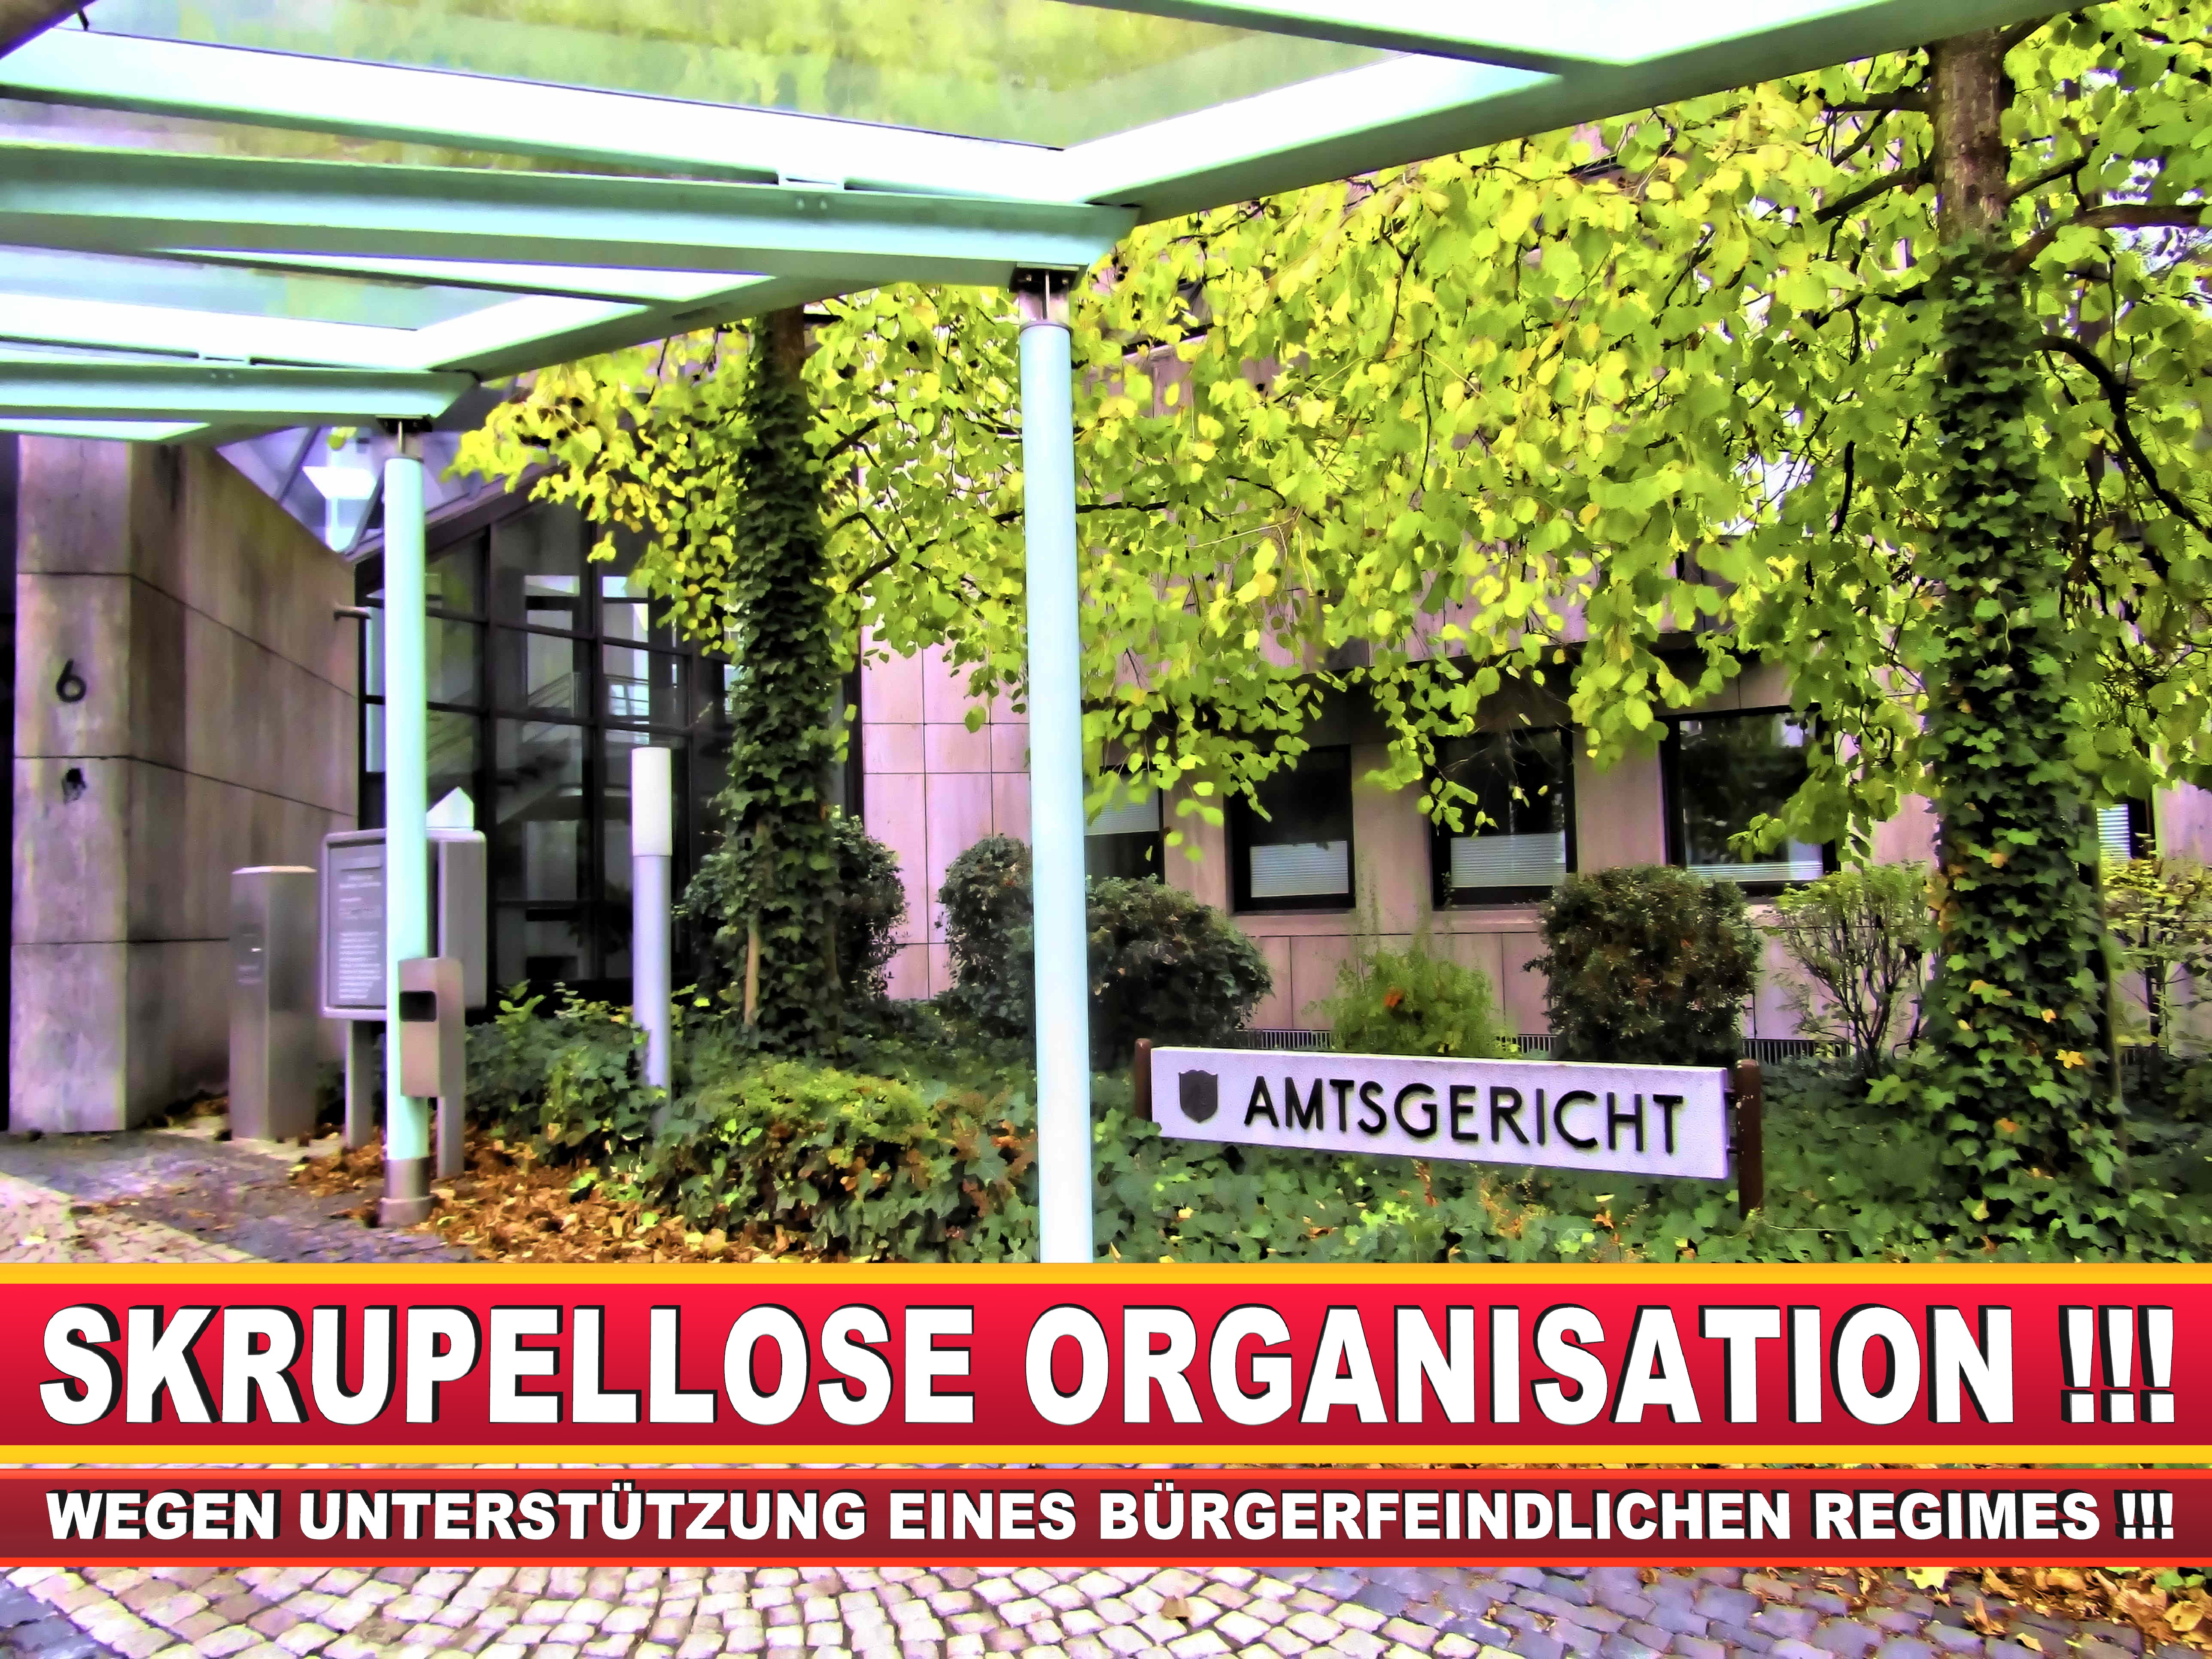 AMTSGERICHT LANDGERICHT STAATSANWALTSCHAFT BIELEFELD BEHöRDEN NRW ARBEITSGERICHT SOZIALGERICHT VERWALTUNGSGERICHT (2)